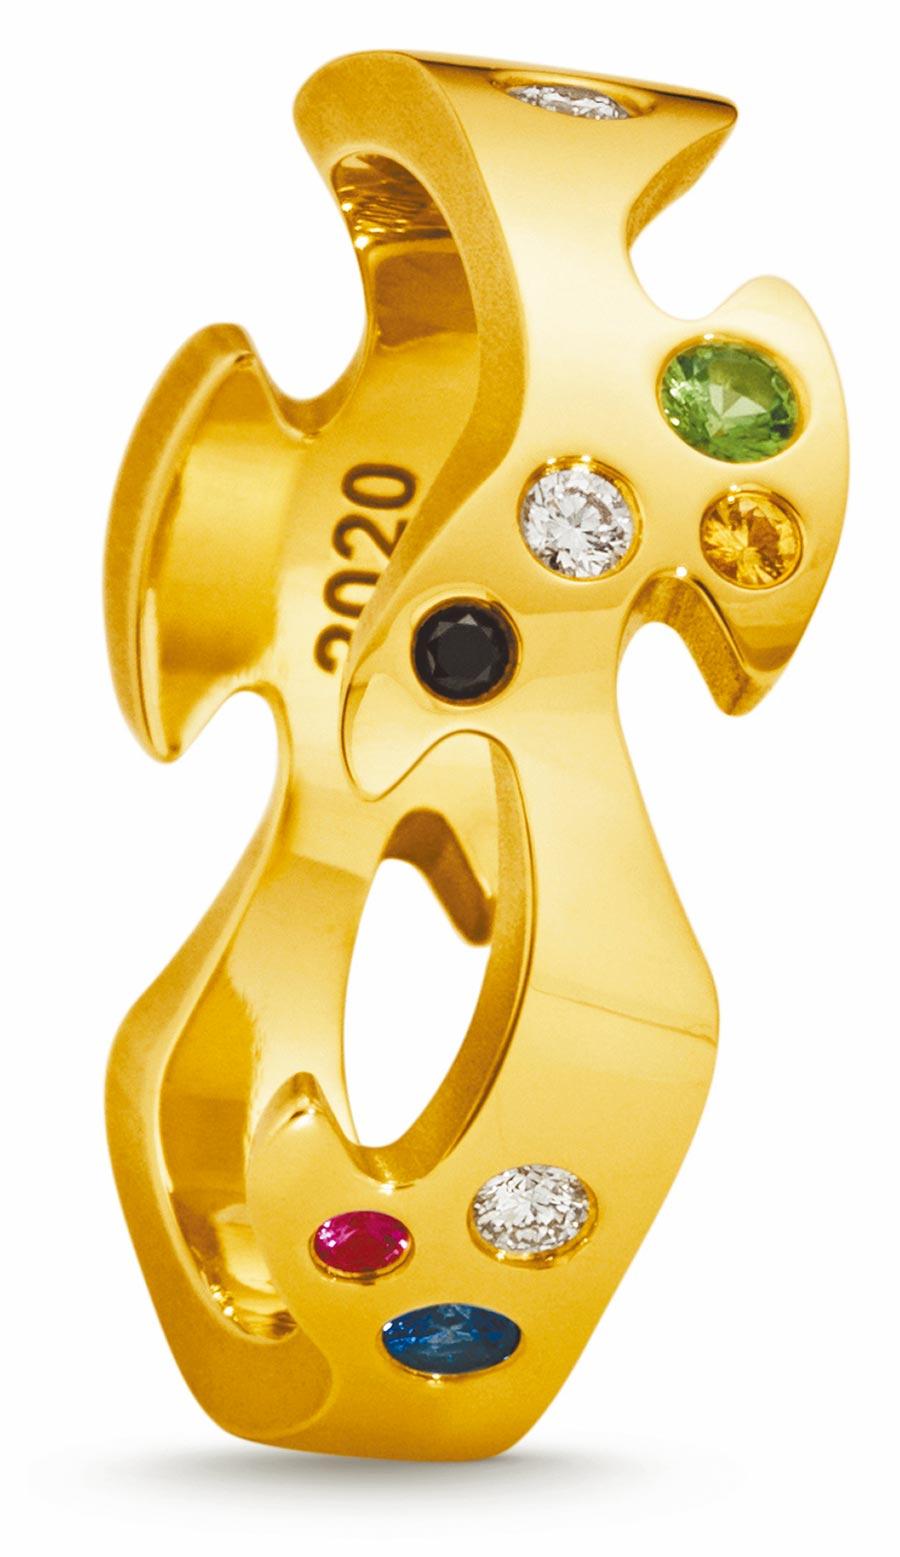 喬治傑生FUSION年度限量訂製黃K金中圈戒指,鑲嵌沙佛萊石、鑽石等,約6萬6600元起。(GEORG JENSEN提供)